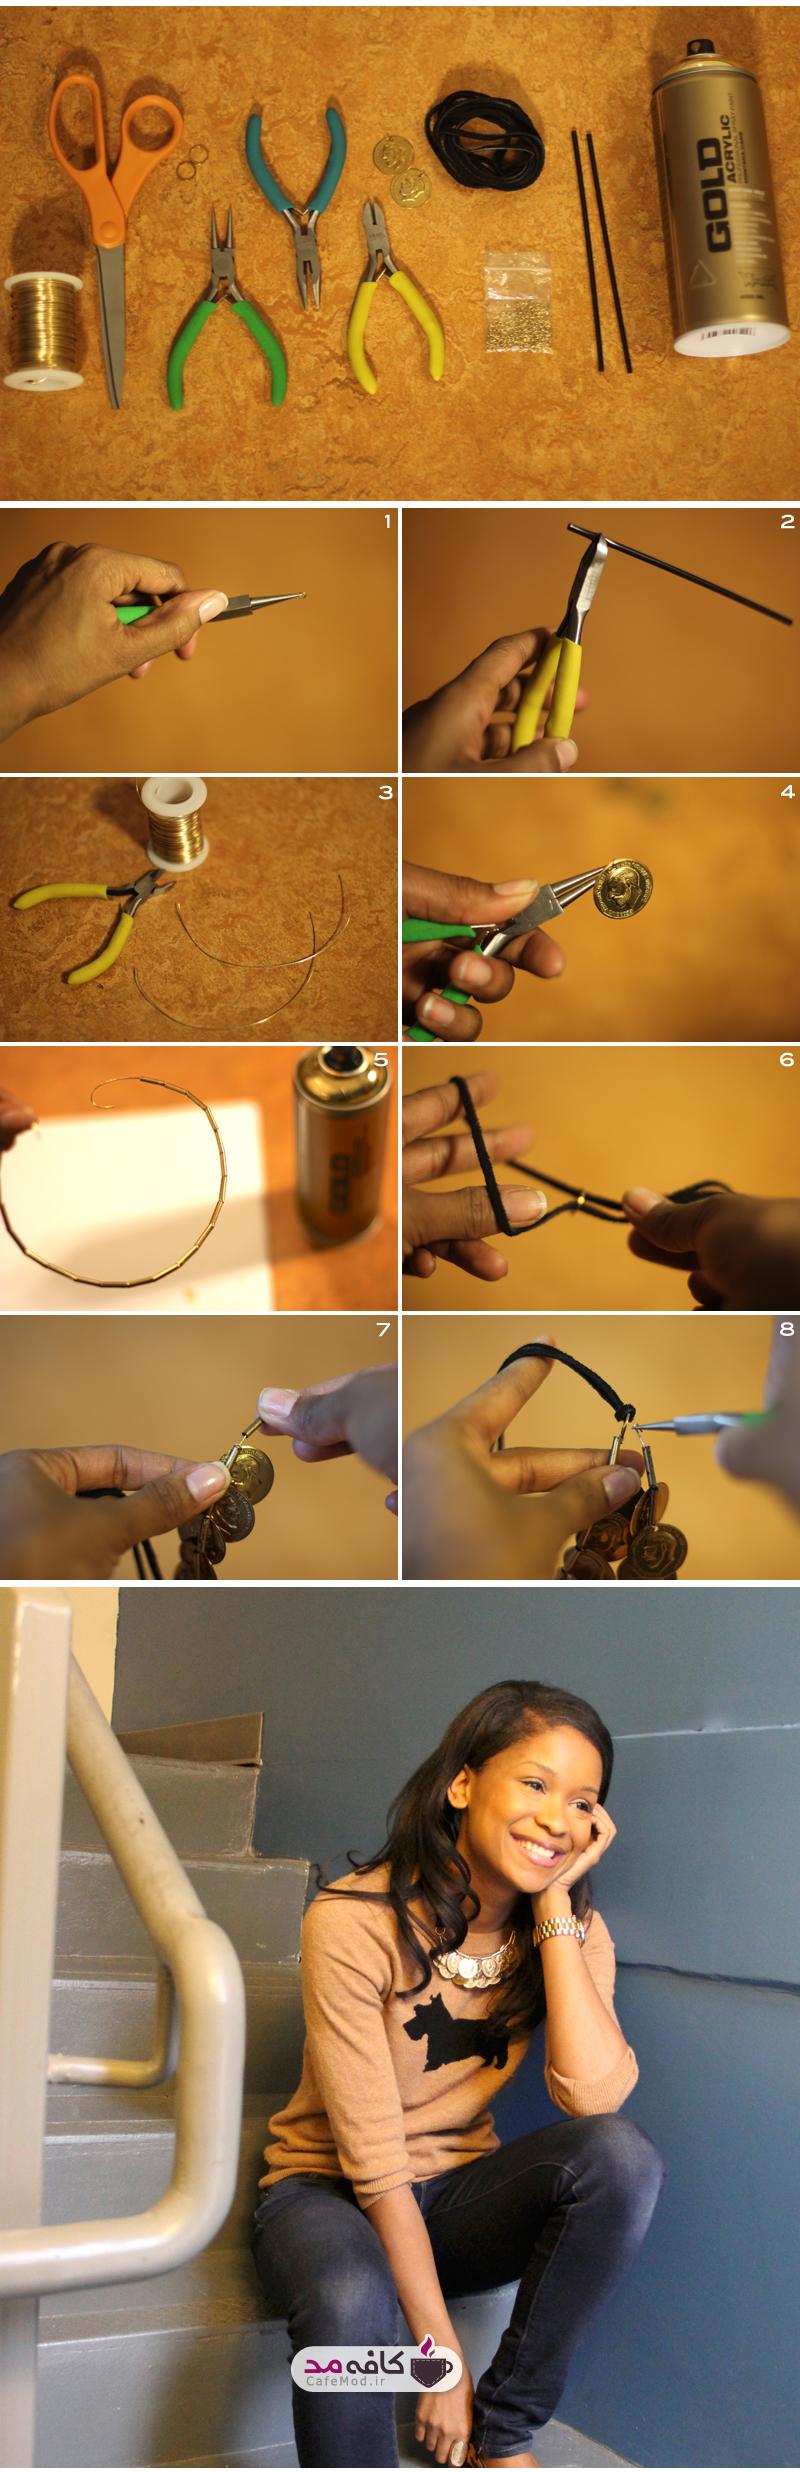 آموزش تصویری ساخت گردنبند پولی